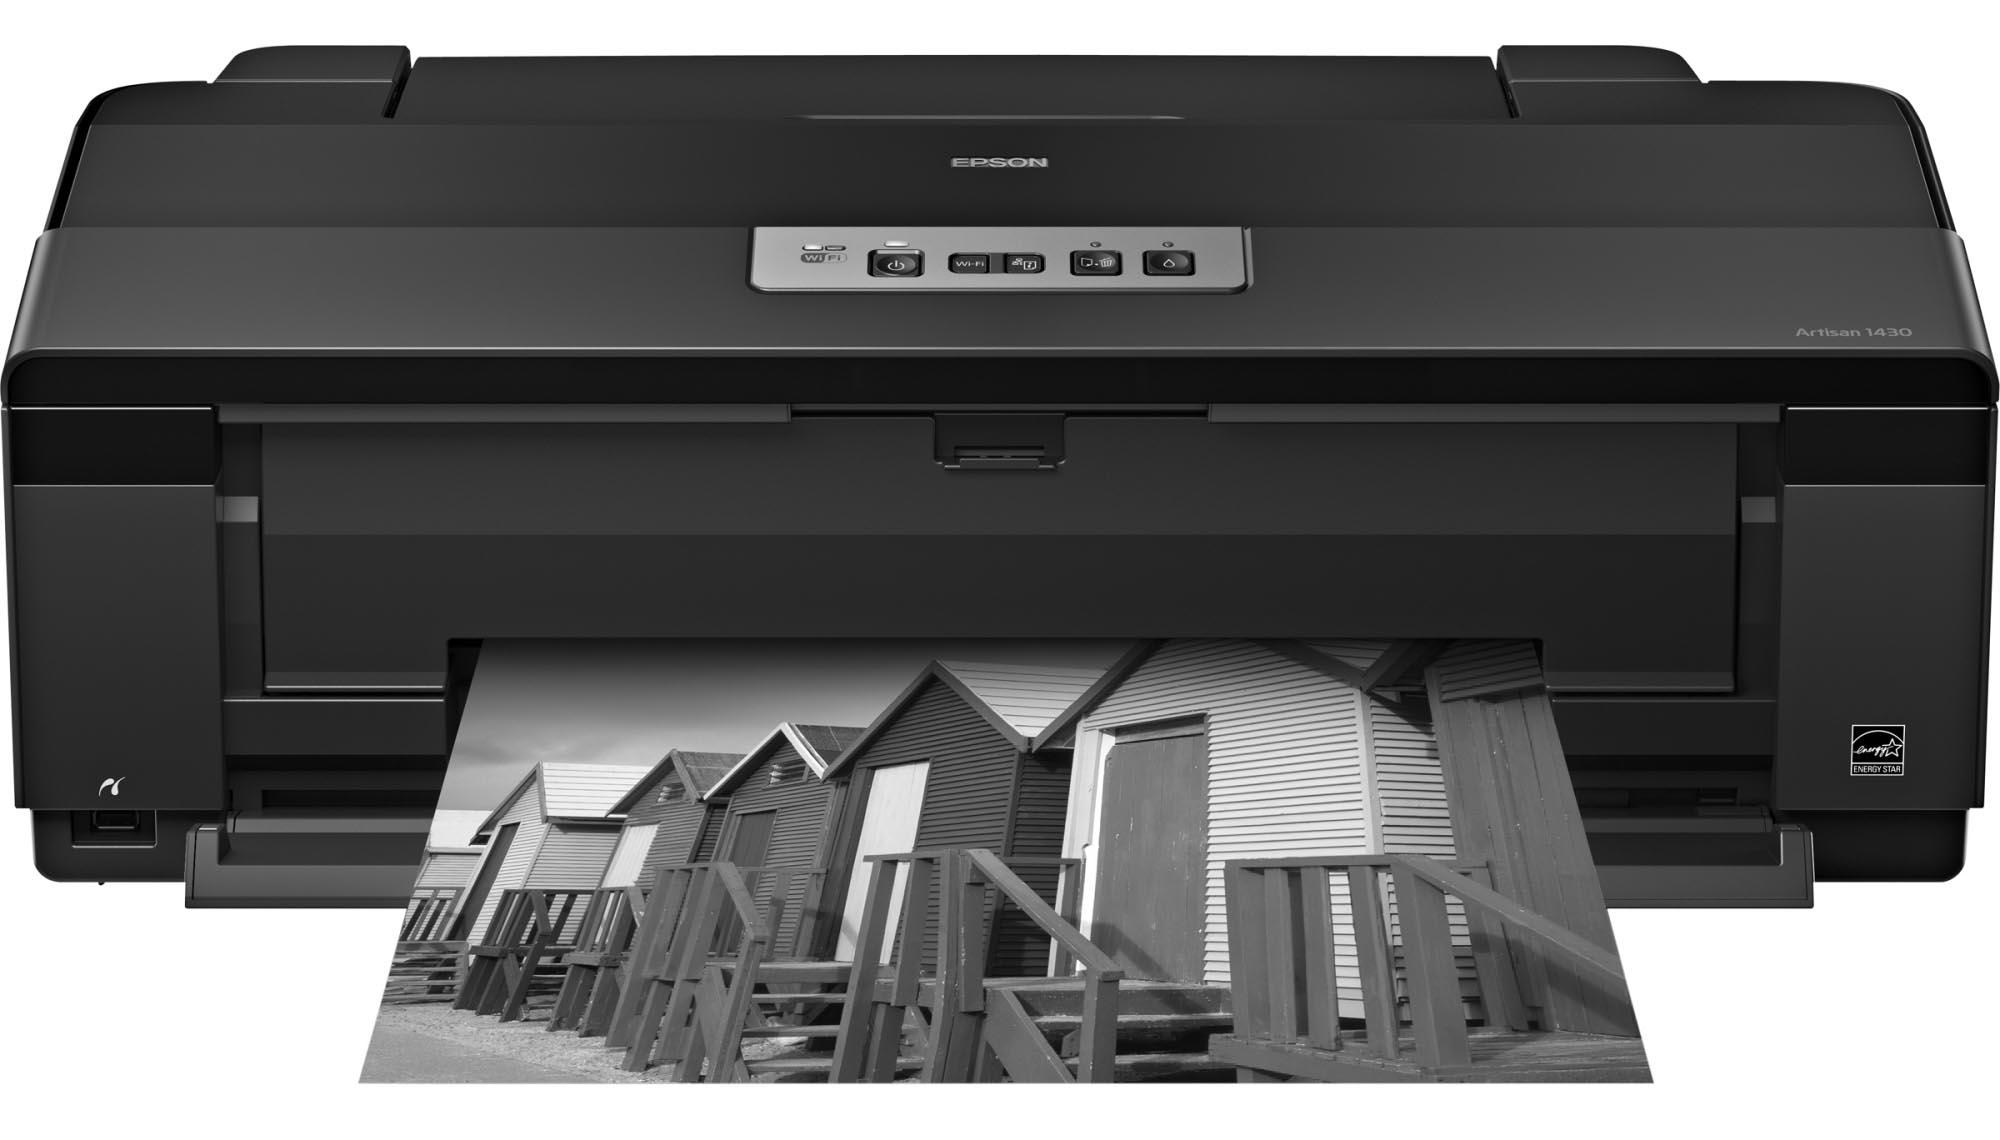 Epson 1430 Printer